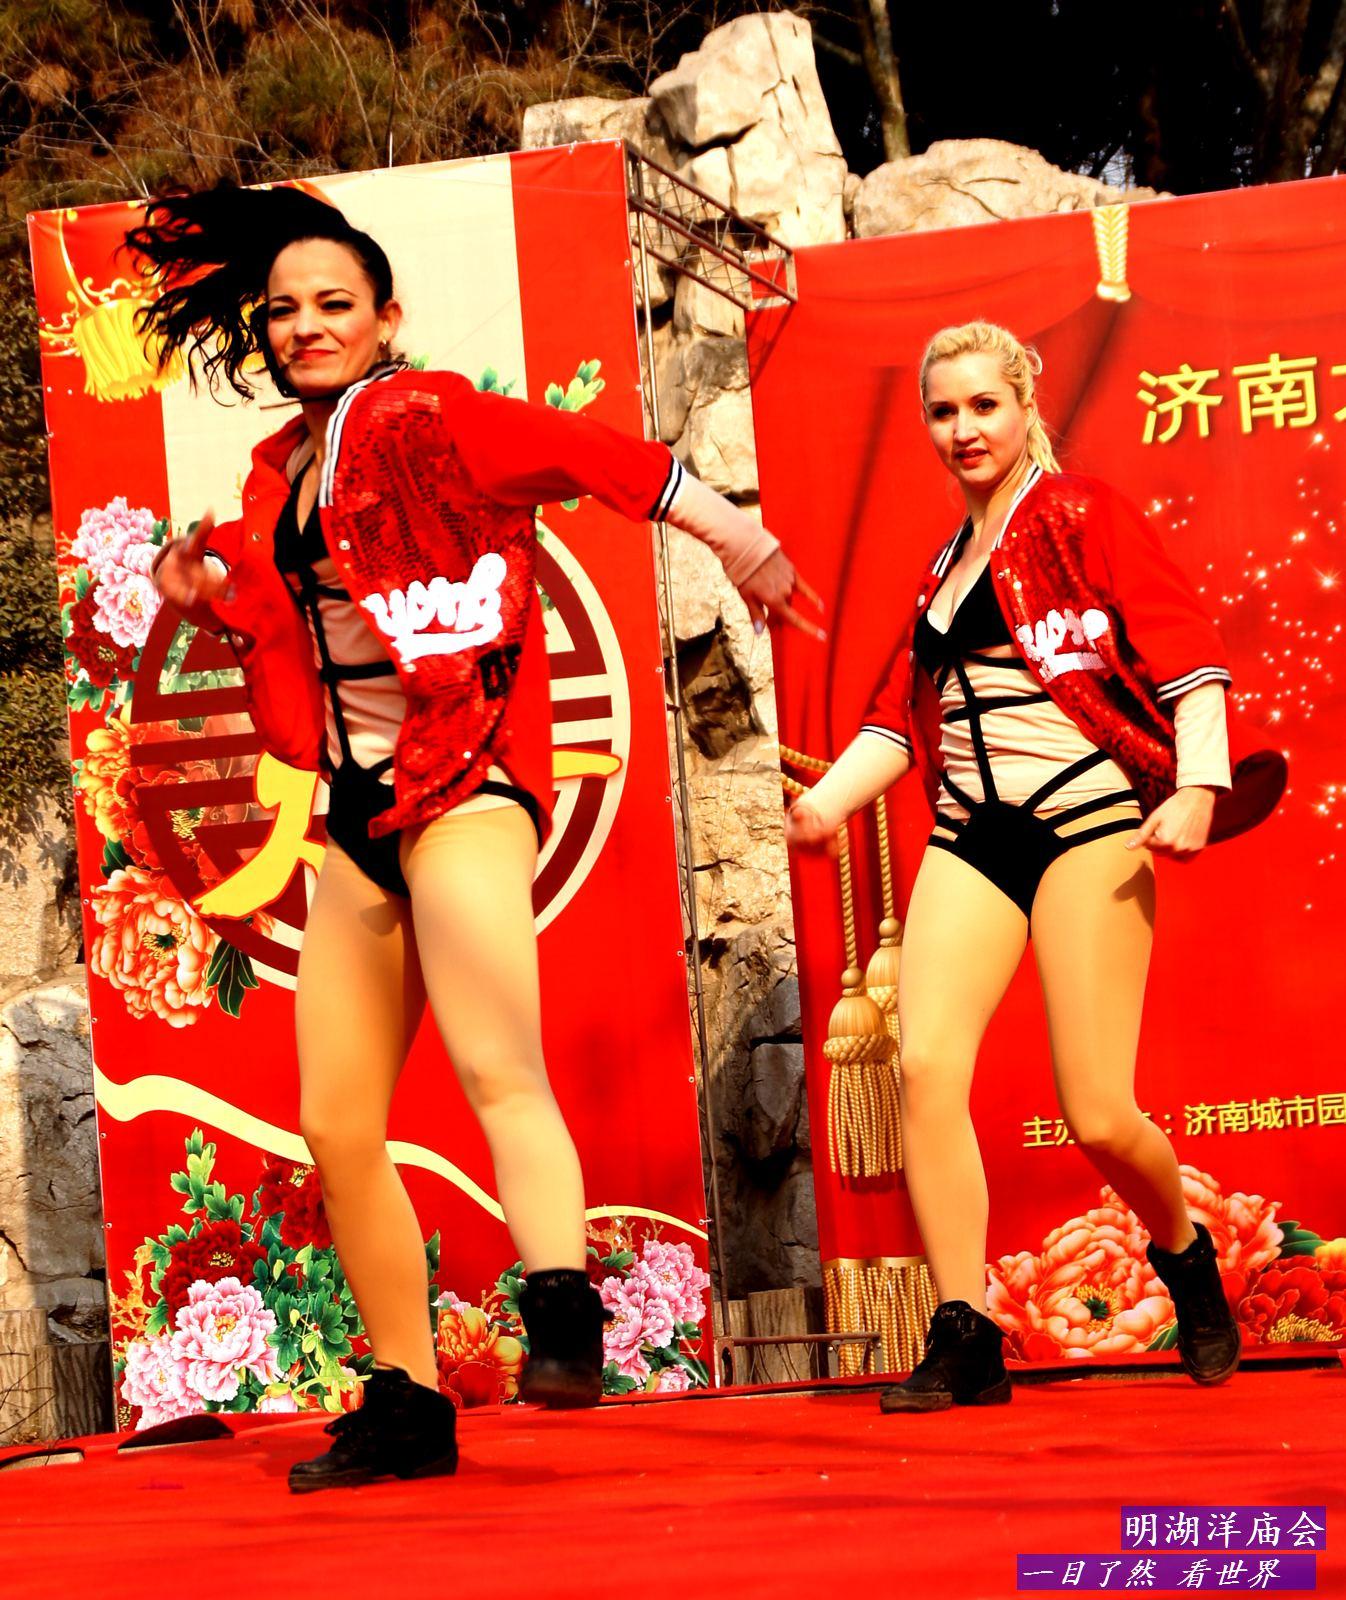 明湖春节文化庙会-洋庙会演出-95-1600.jpg